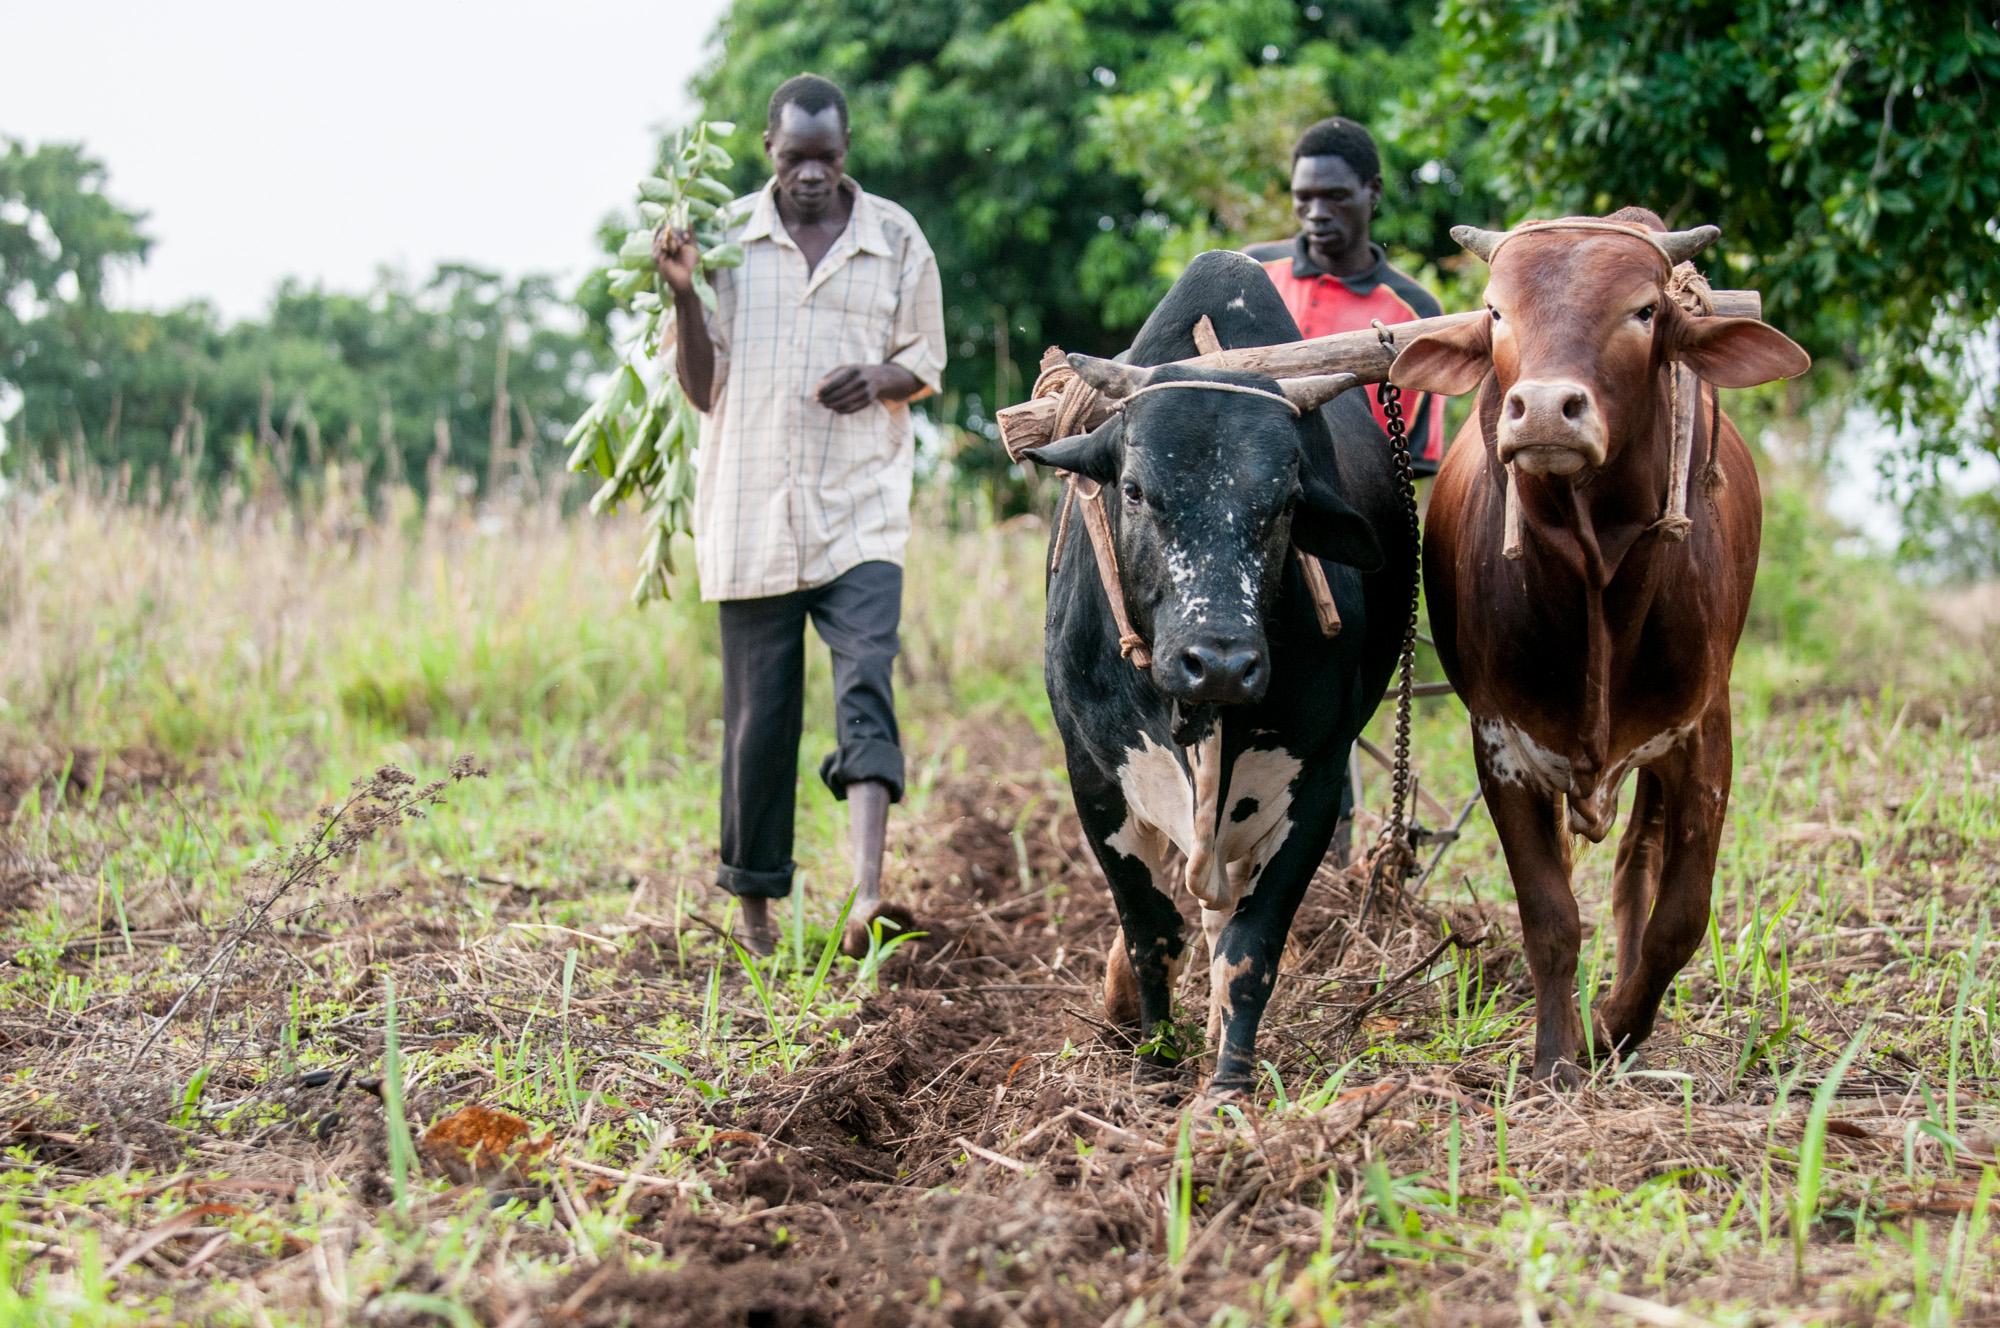 A Farmer in Rural Uganda